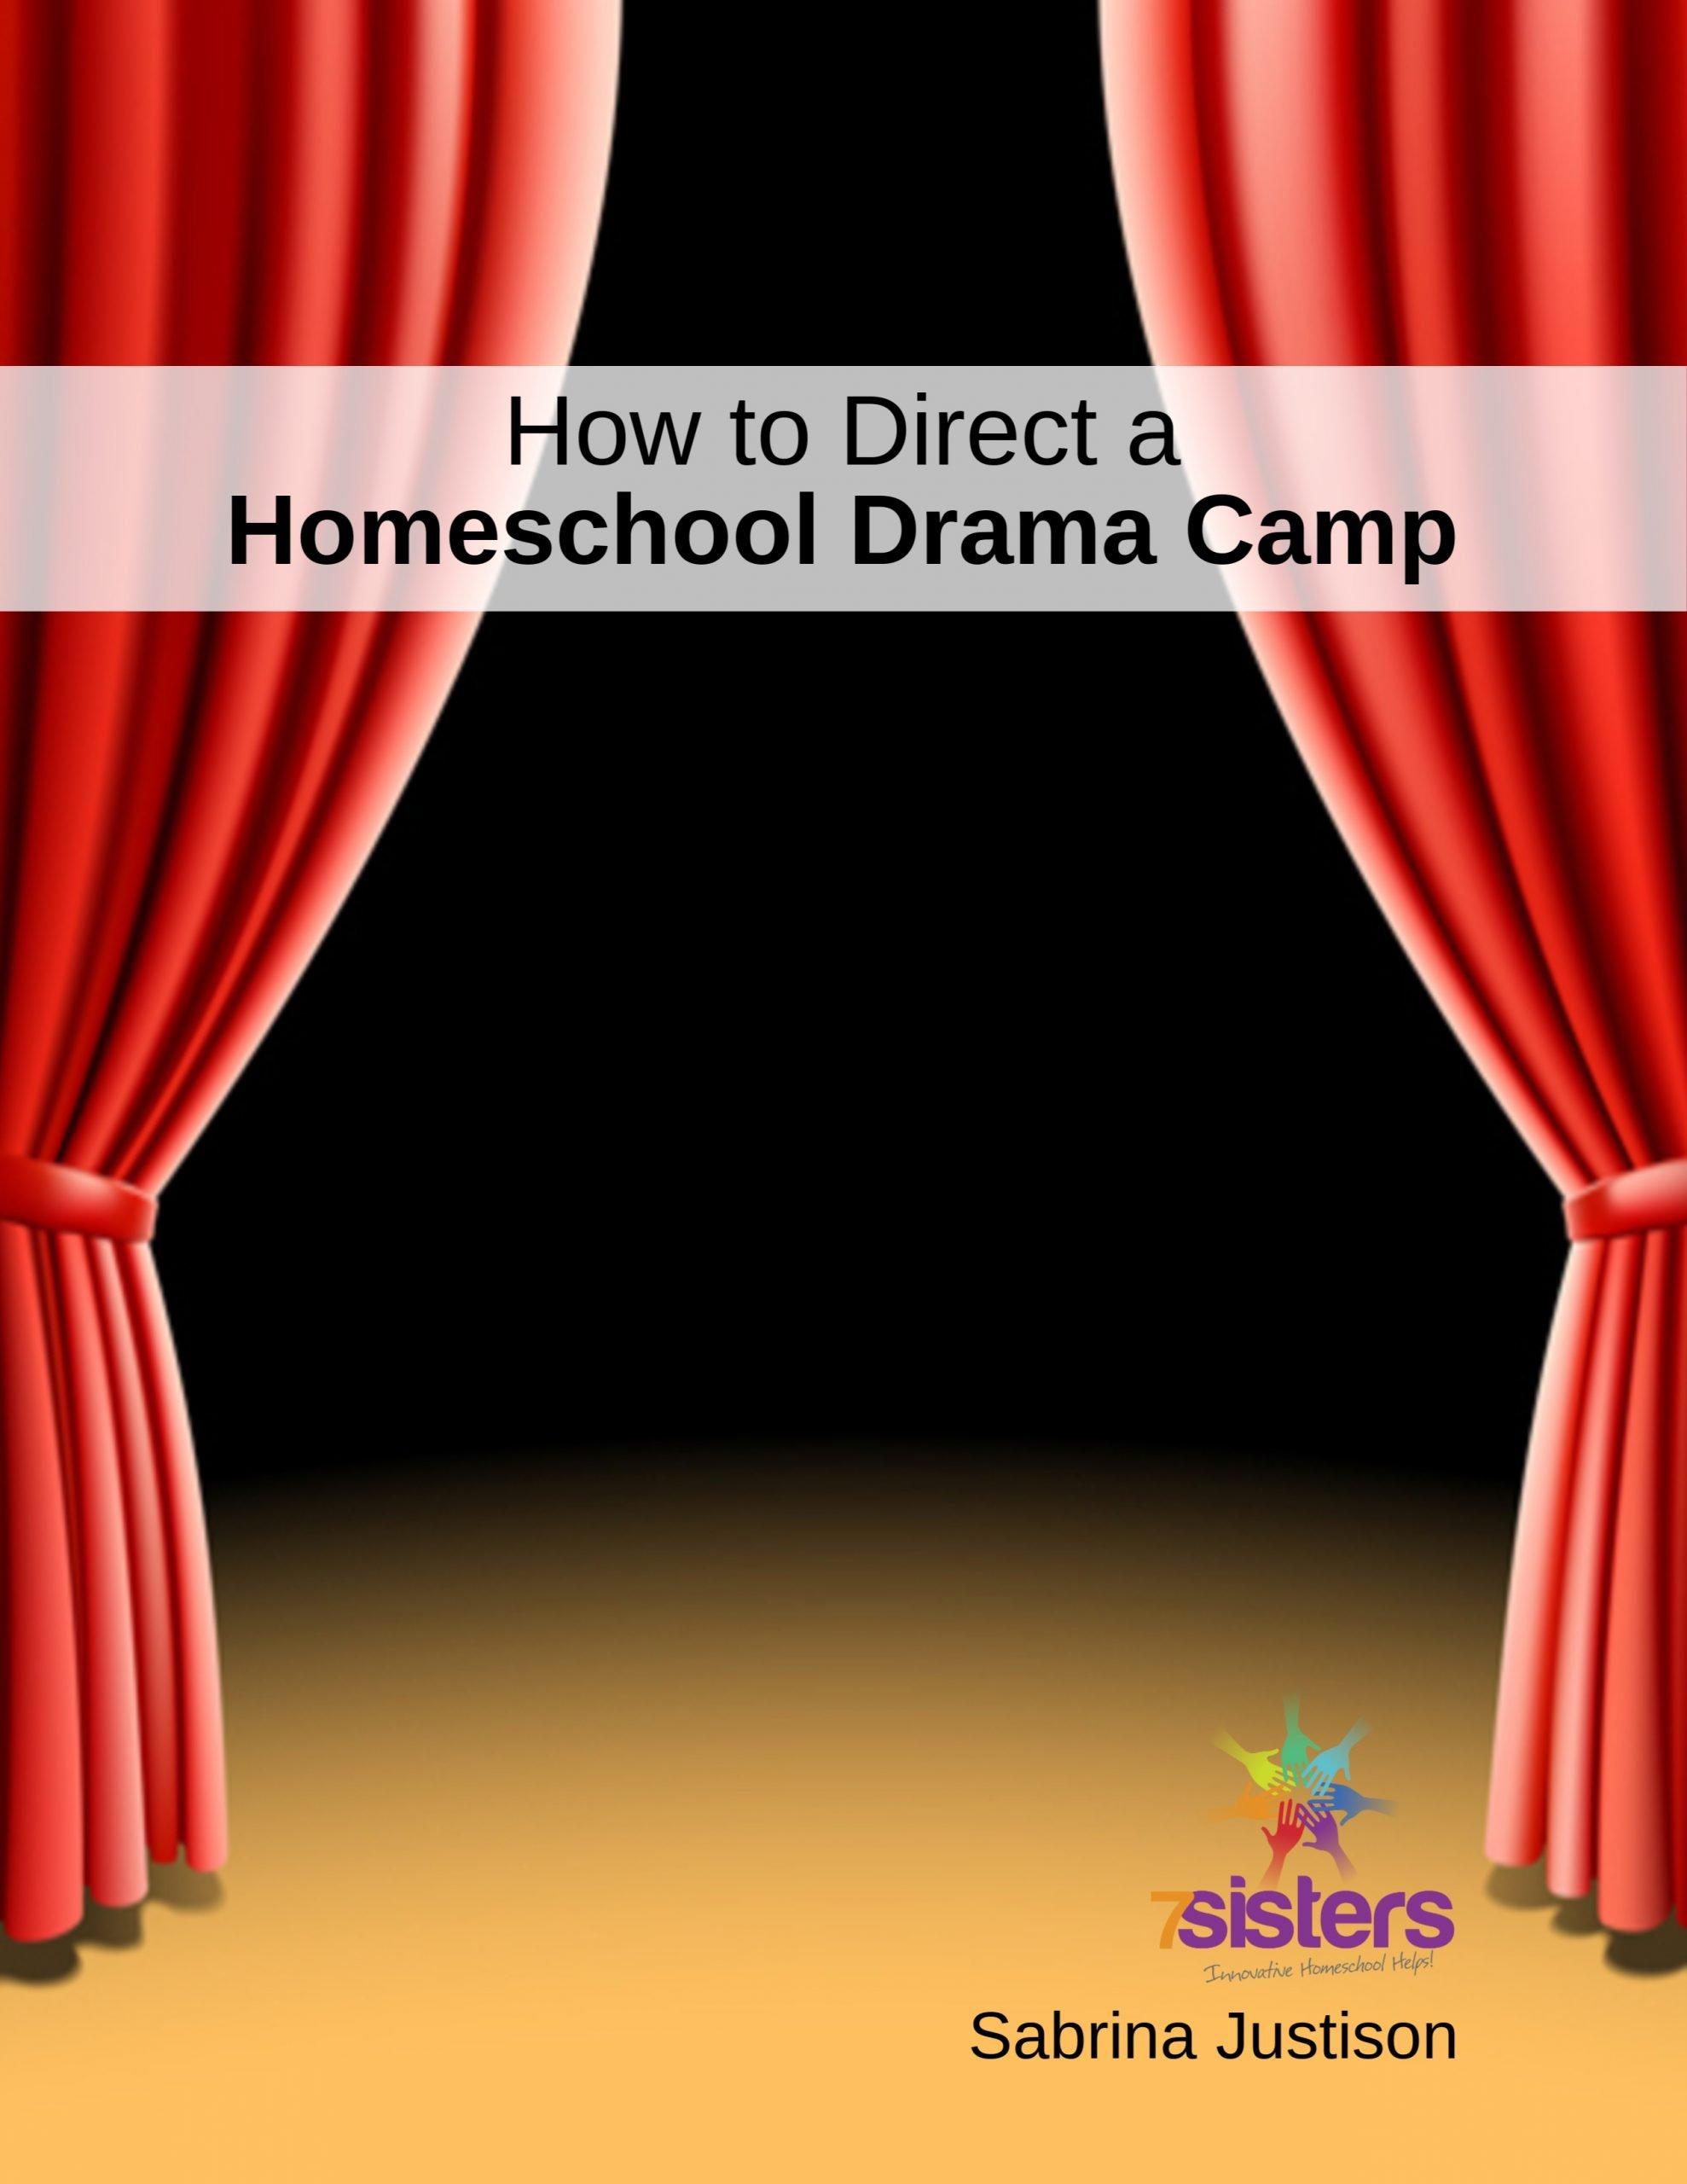 How to Direct a Homeschool Drama Camp 7SistersHomeschool.com